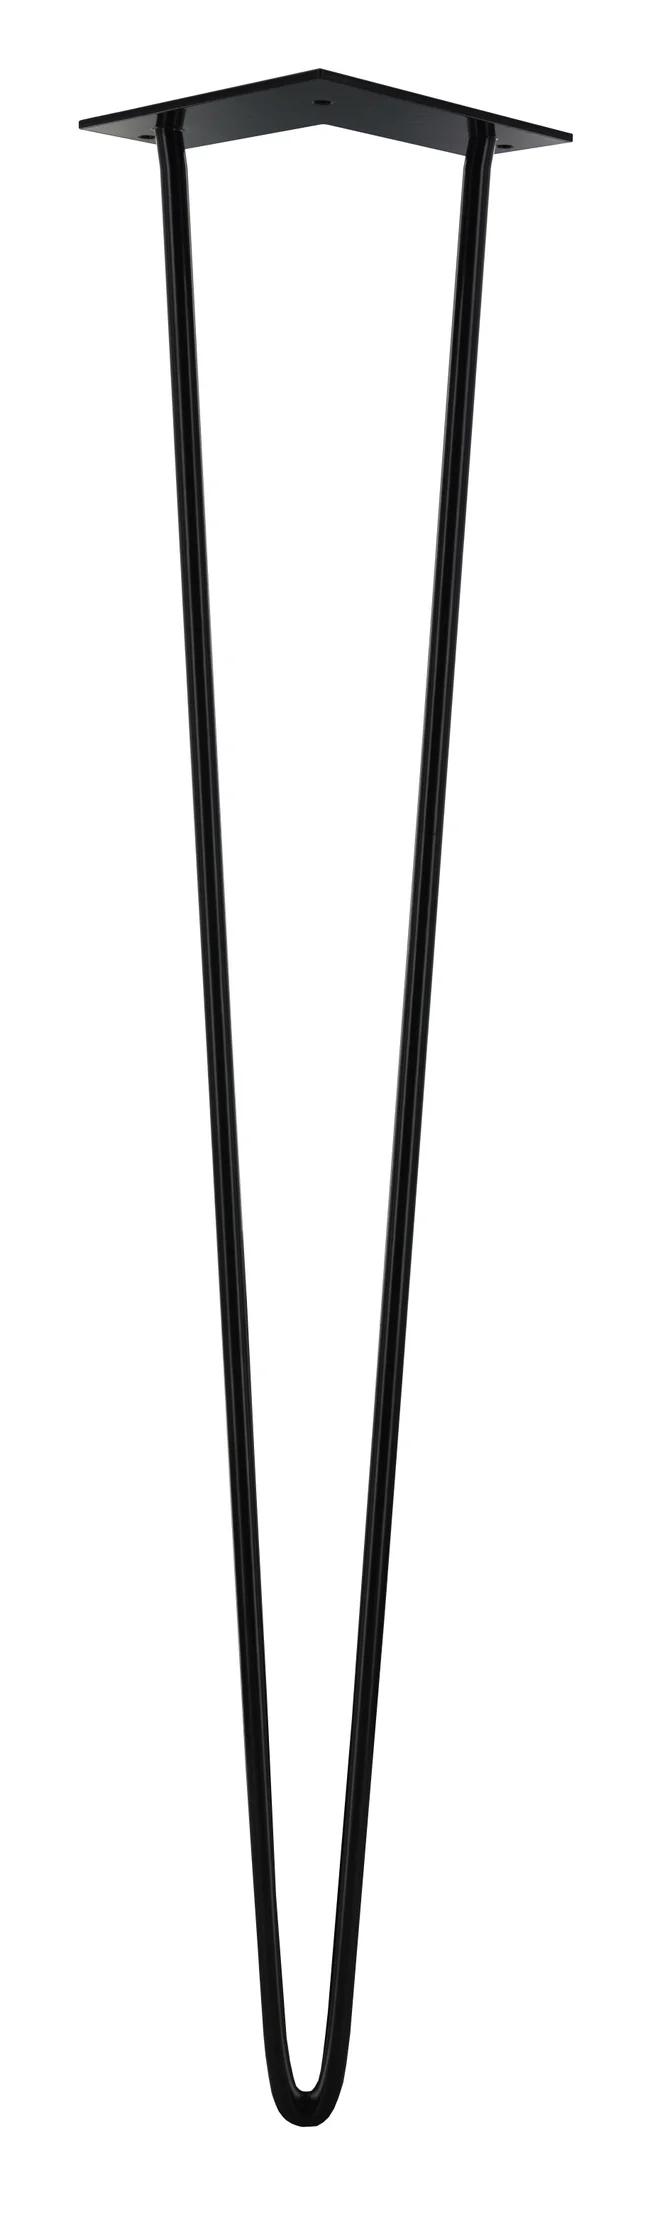 Pied De Table Design Fixe Acier Époxy Noir, 71 Cm | Leroy intérieur Pied Pliant Pour Table Leroy Merlin